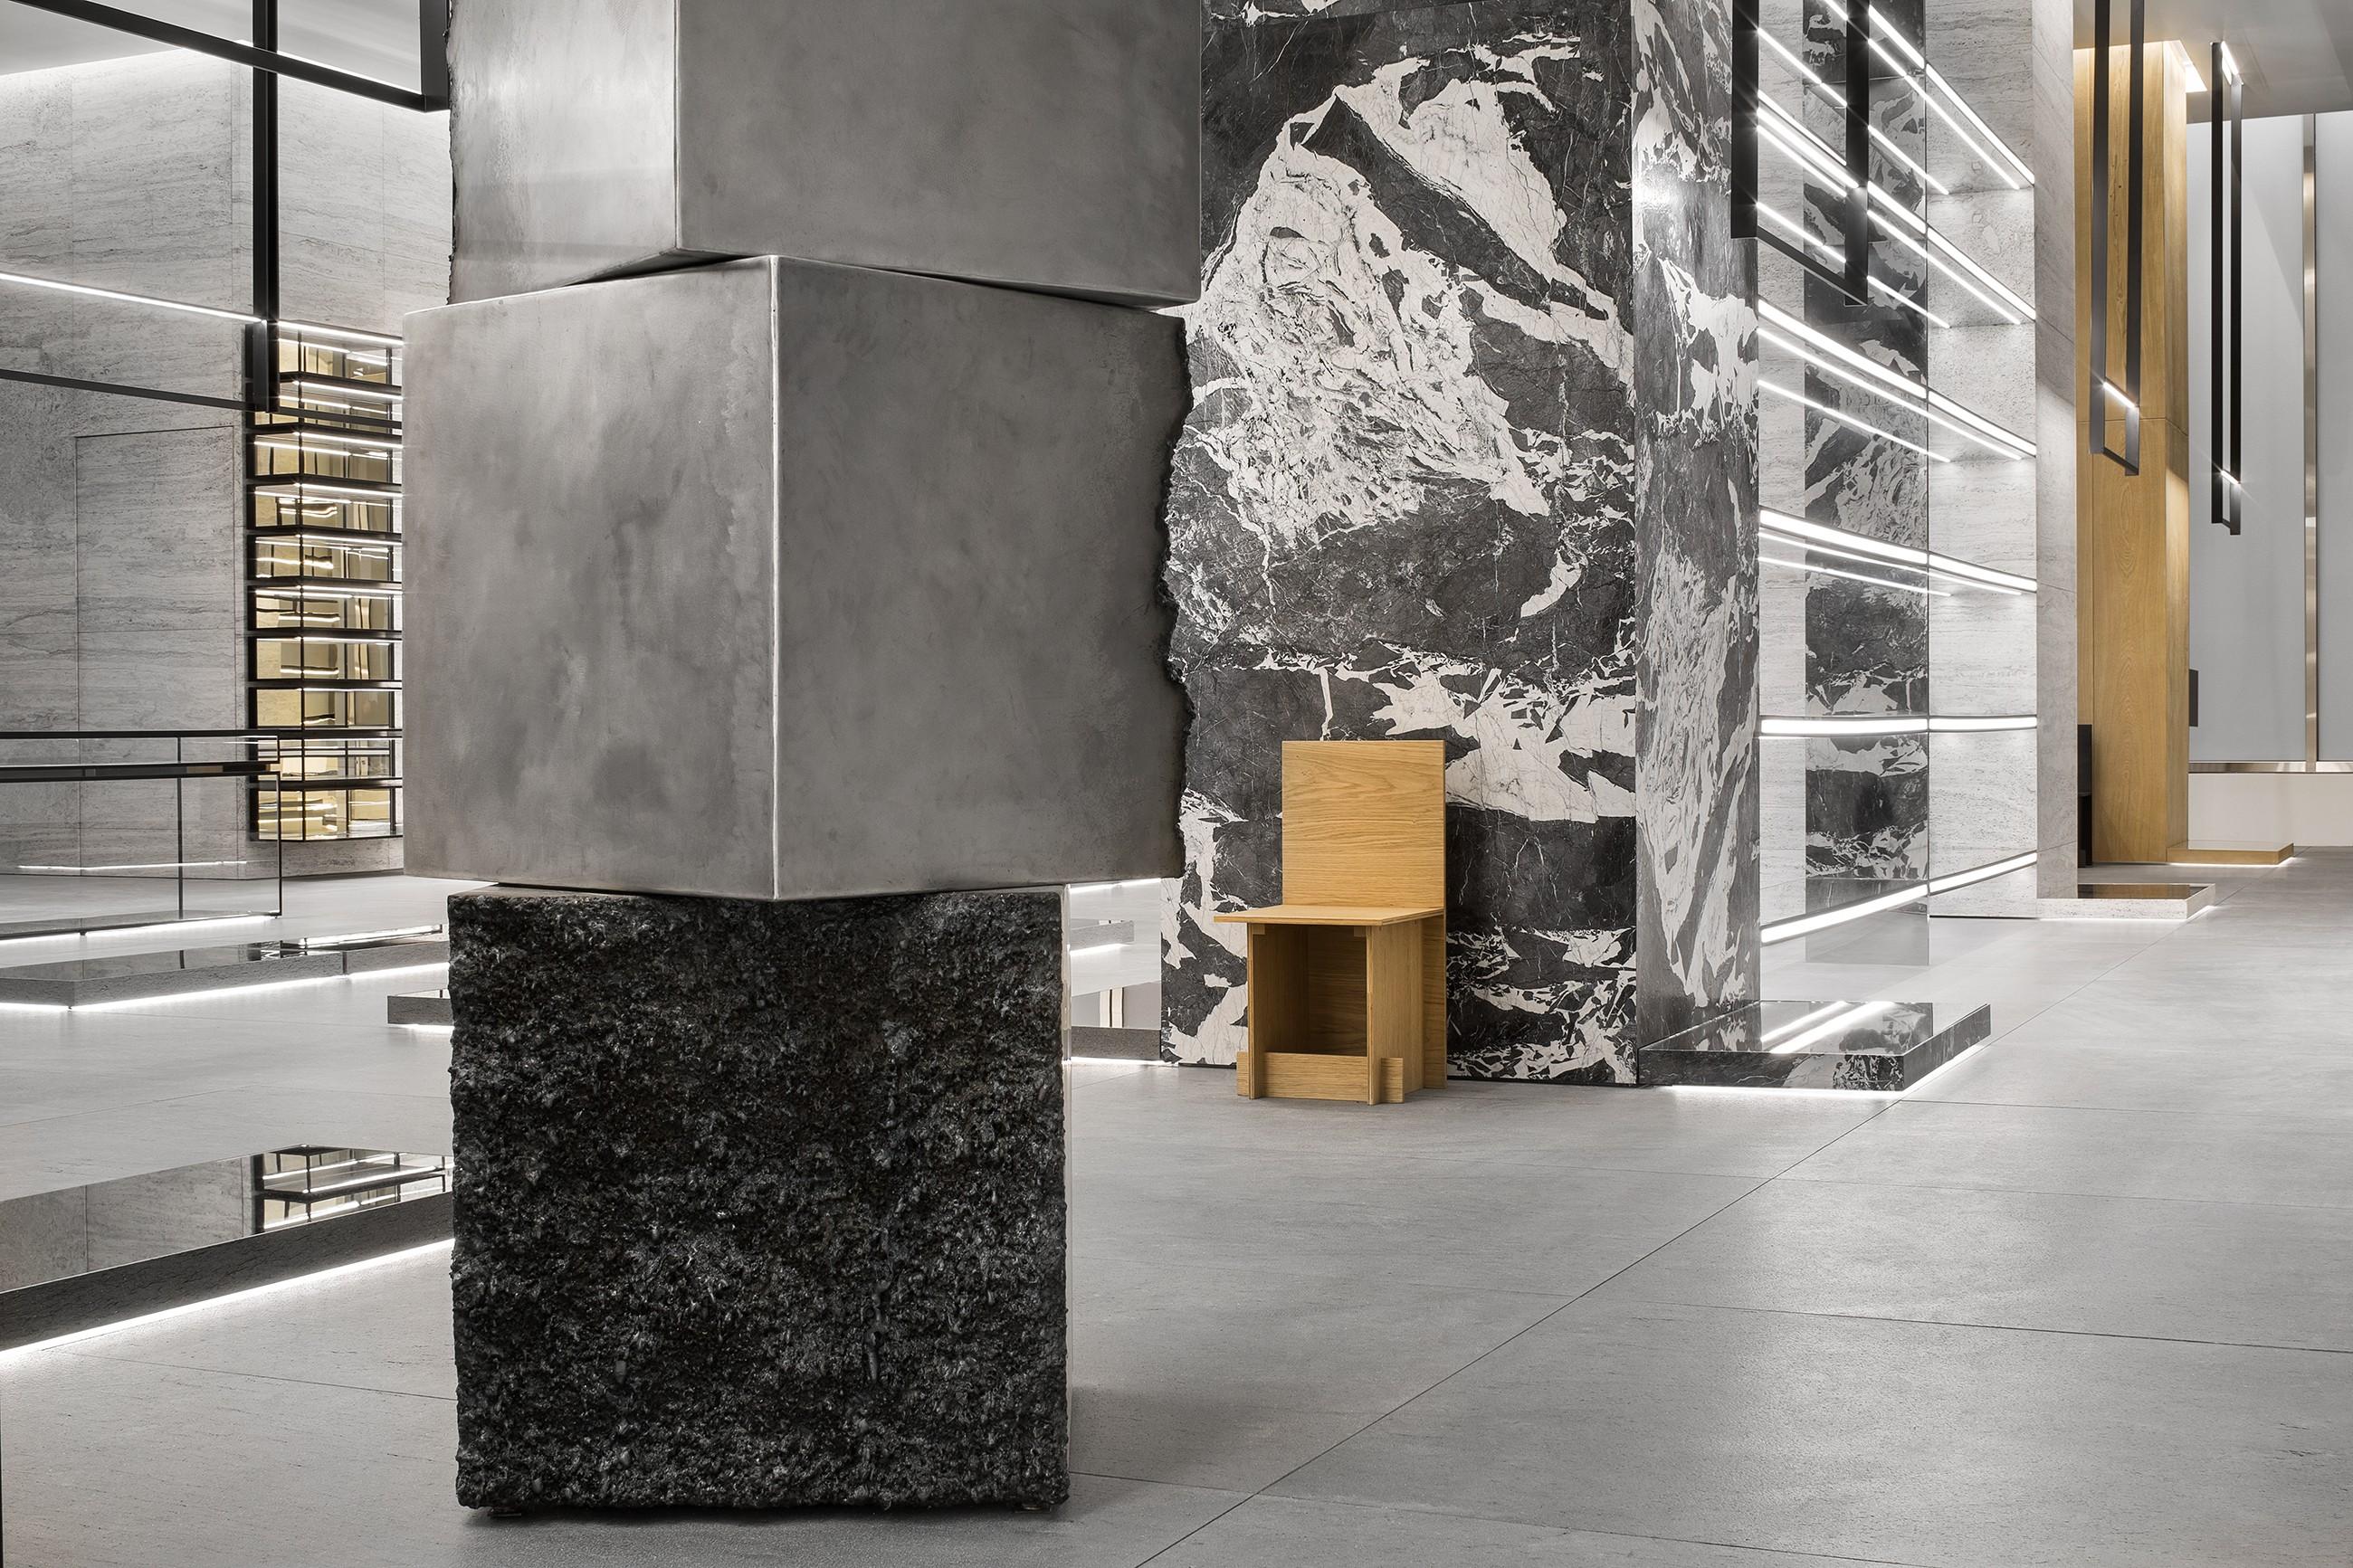 816dd74661d STYLE Edit  Hedi Slimane unveils Celine s visionary design concept at New  York flagship